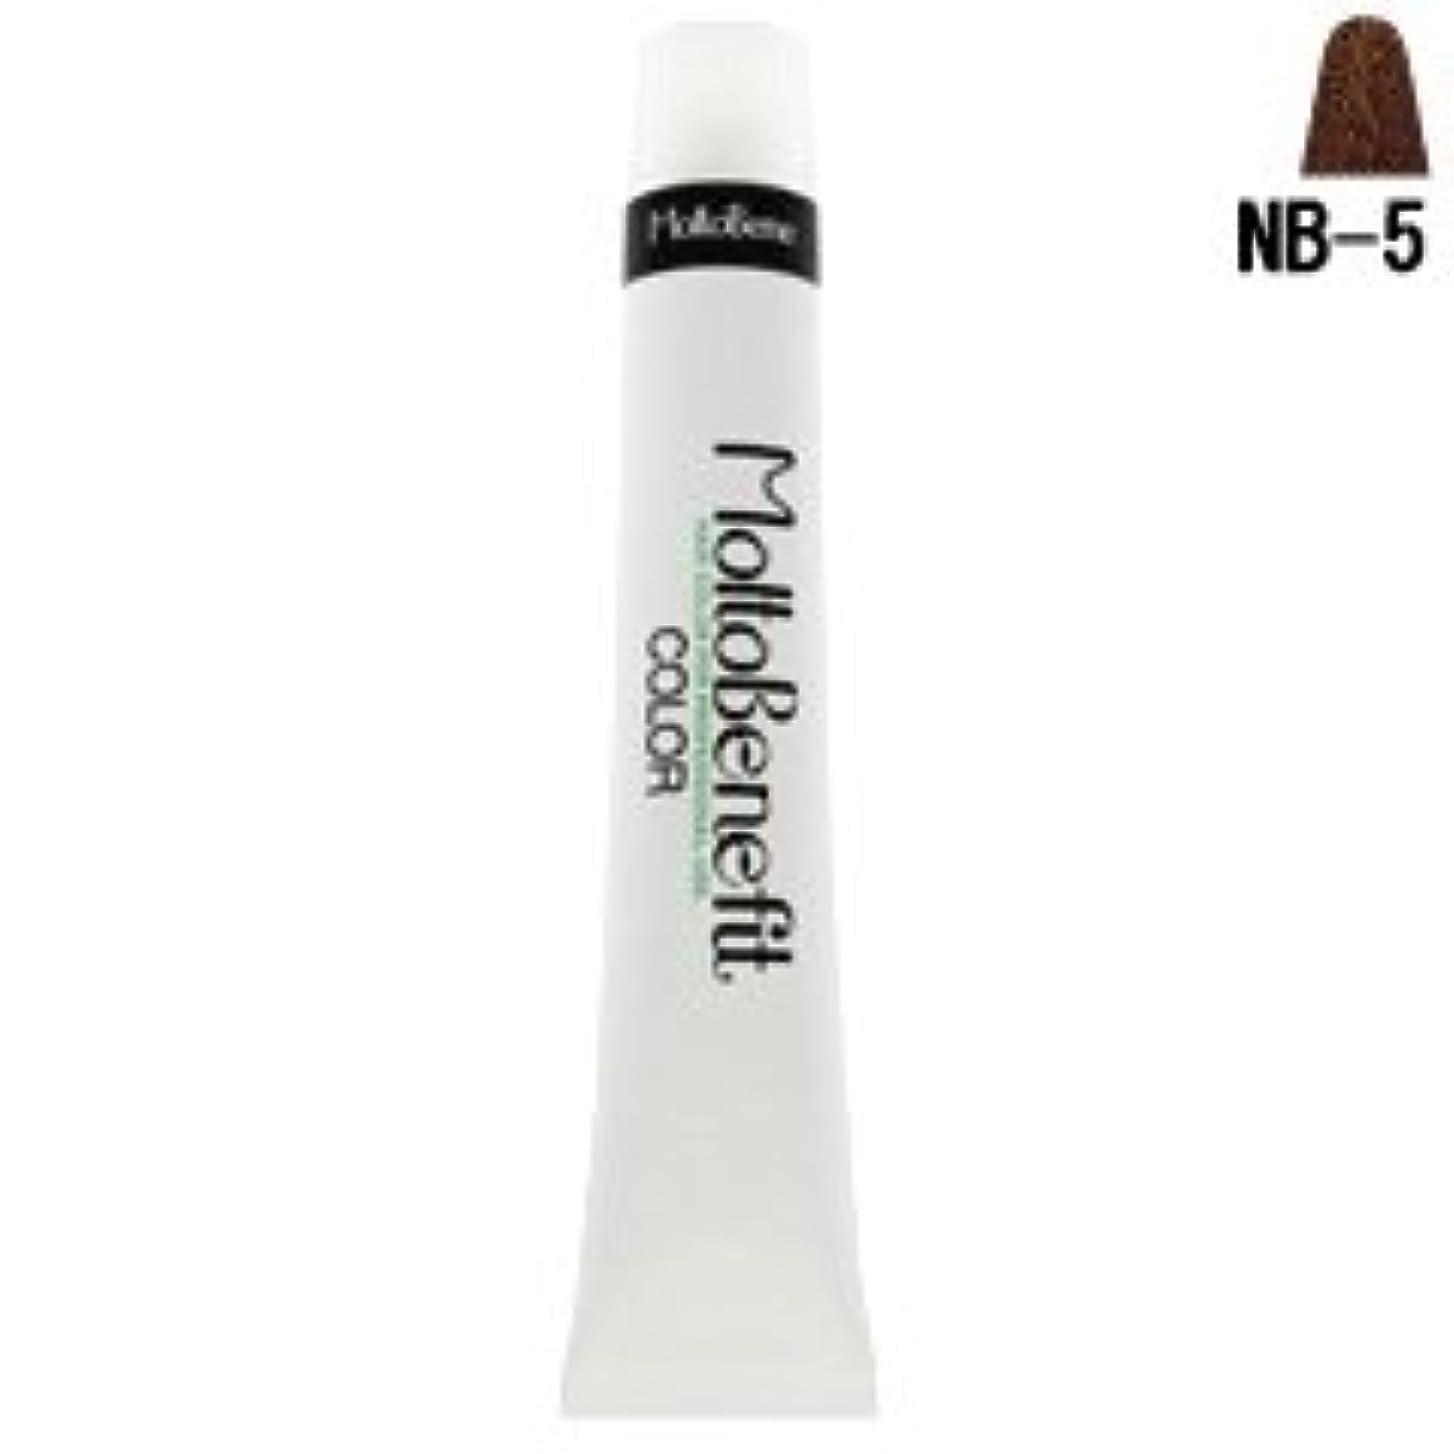 ドック眠り頭【モルトベーネ】フィットカラー グレイナチュラルカラー NB-5 ナチュラルブラウン 60g